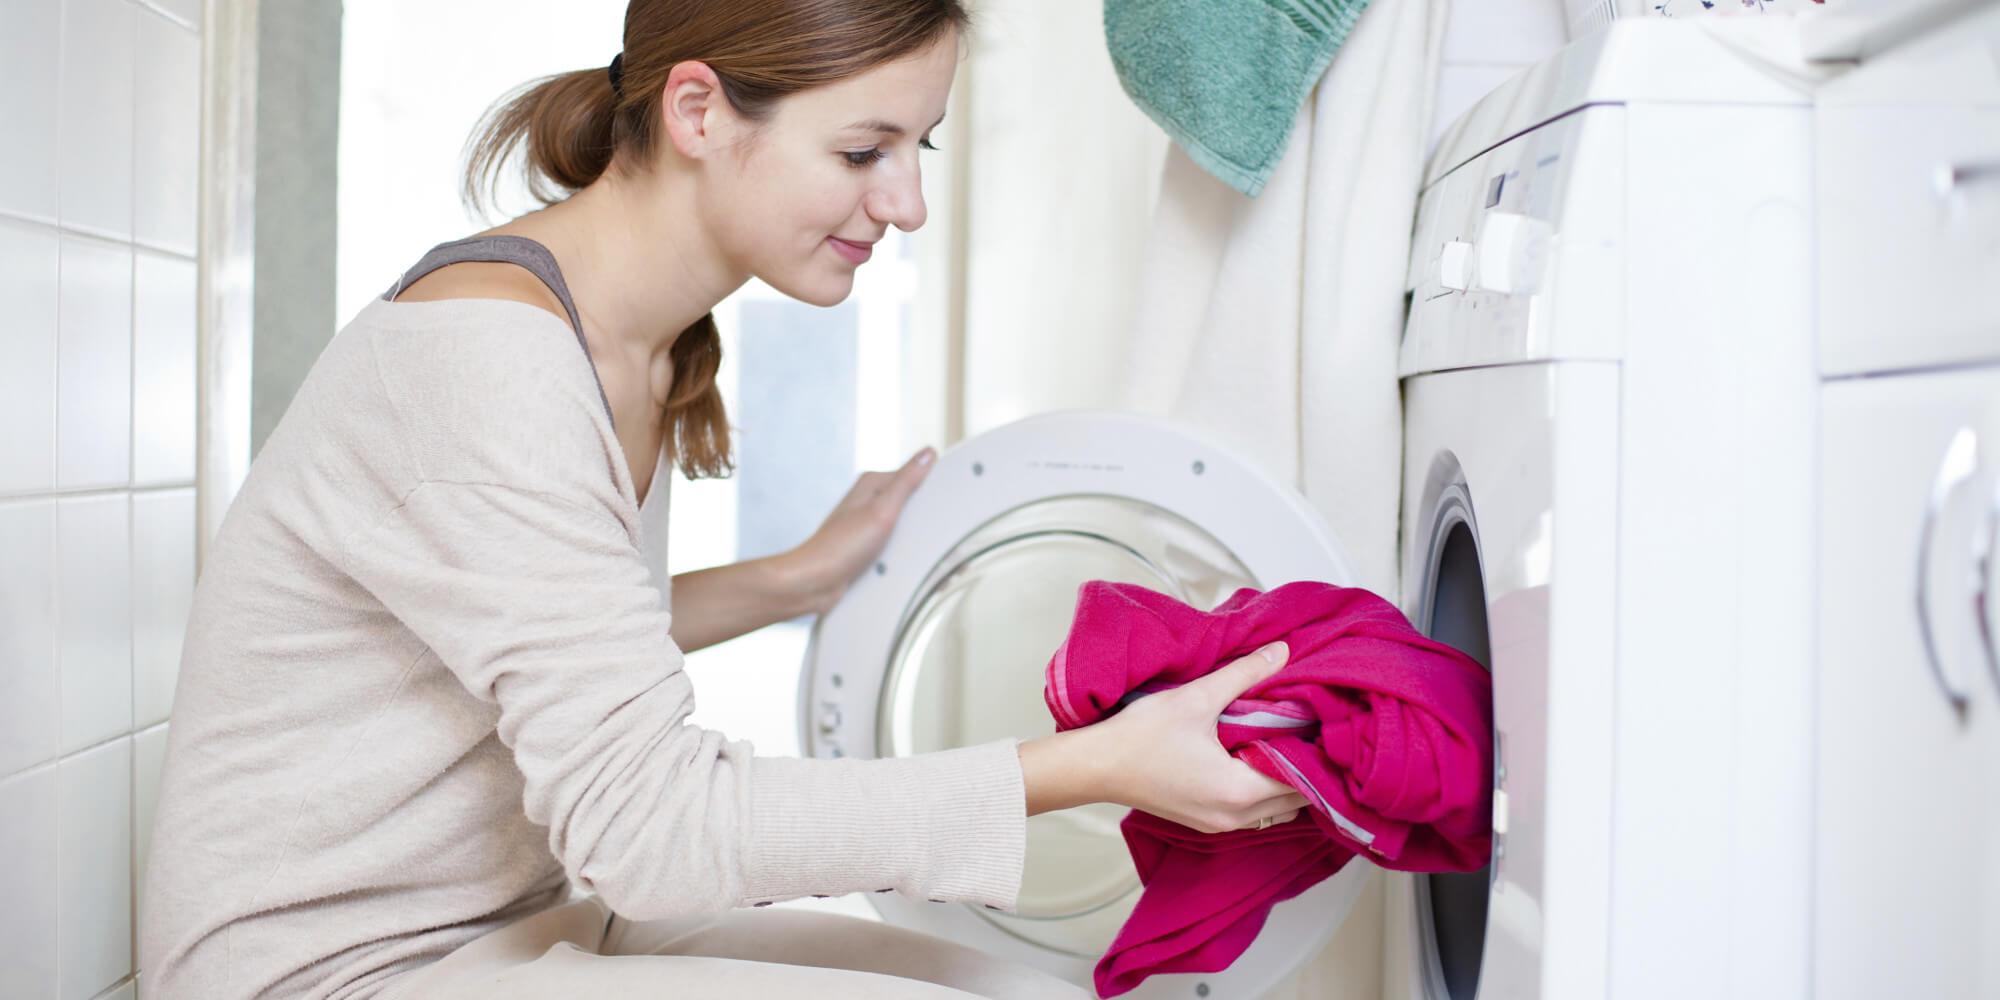 Mejores lavadoras para comprar este año - GizTab